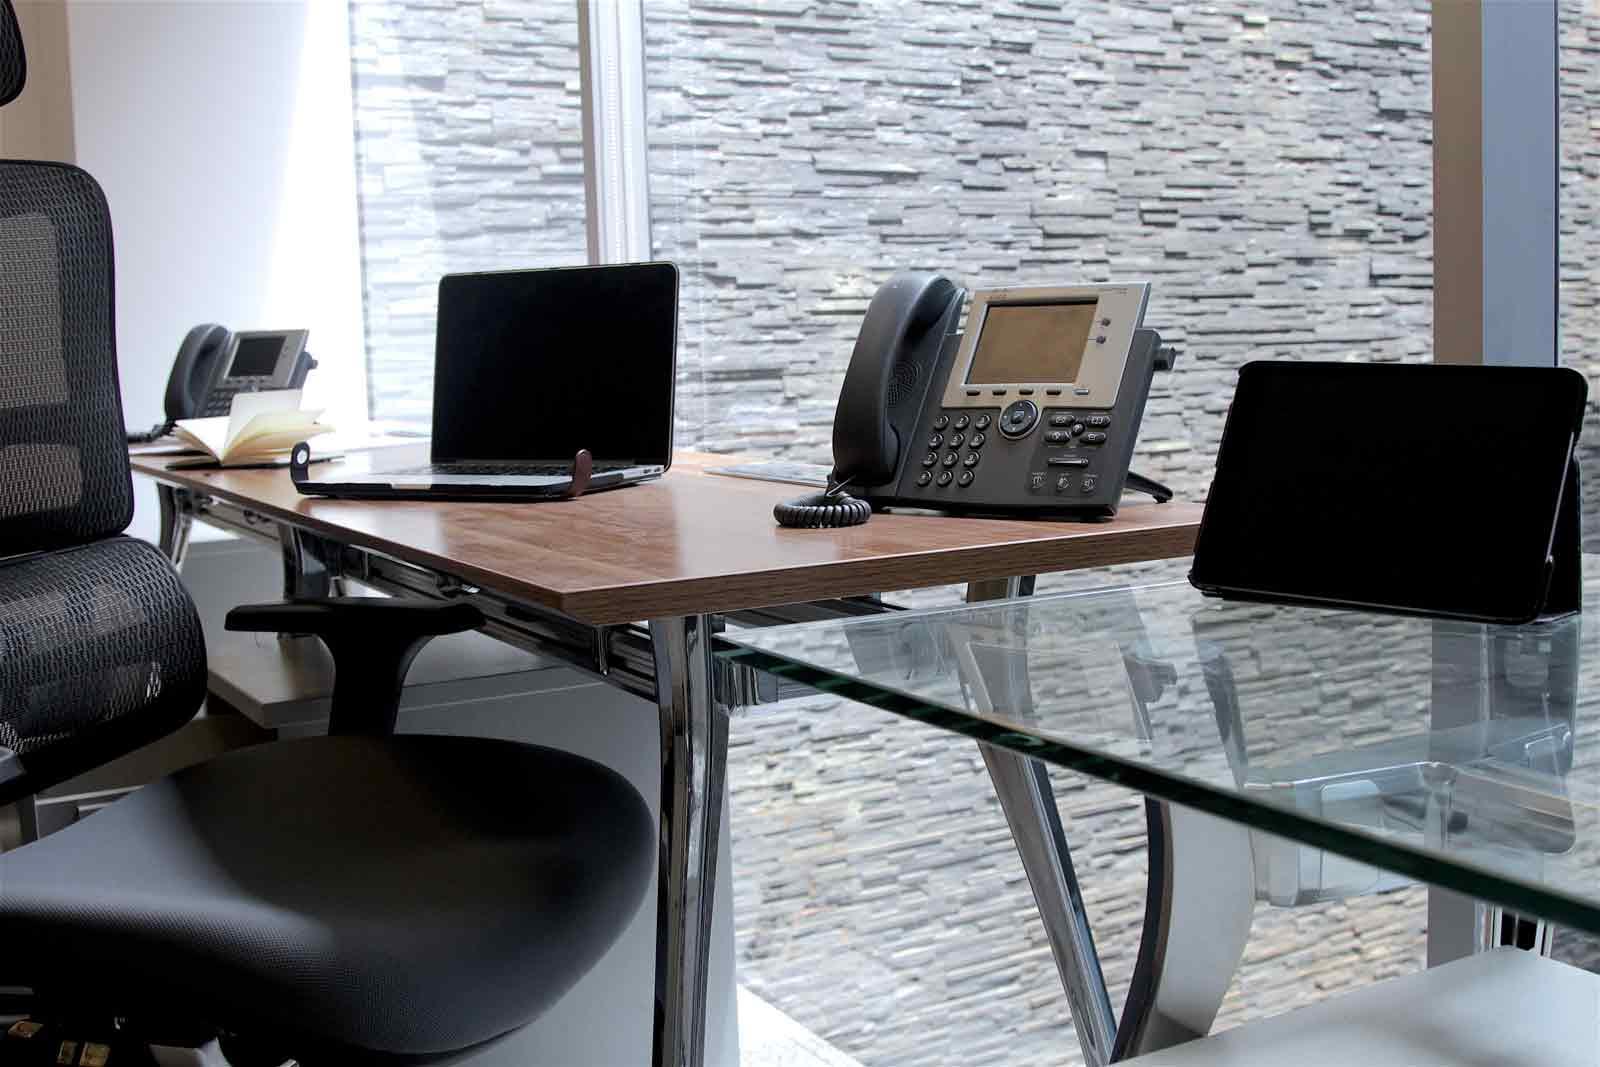 Modernas sala de juntas y oficinas privadas para generar impacto en sus negocios